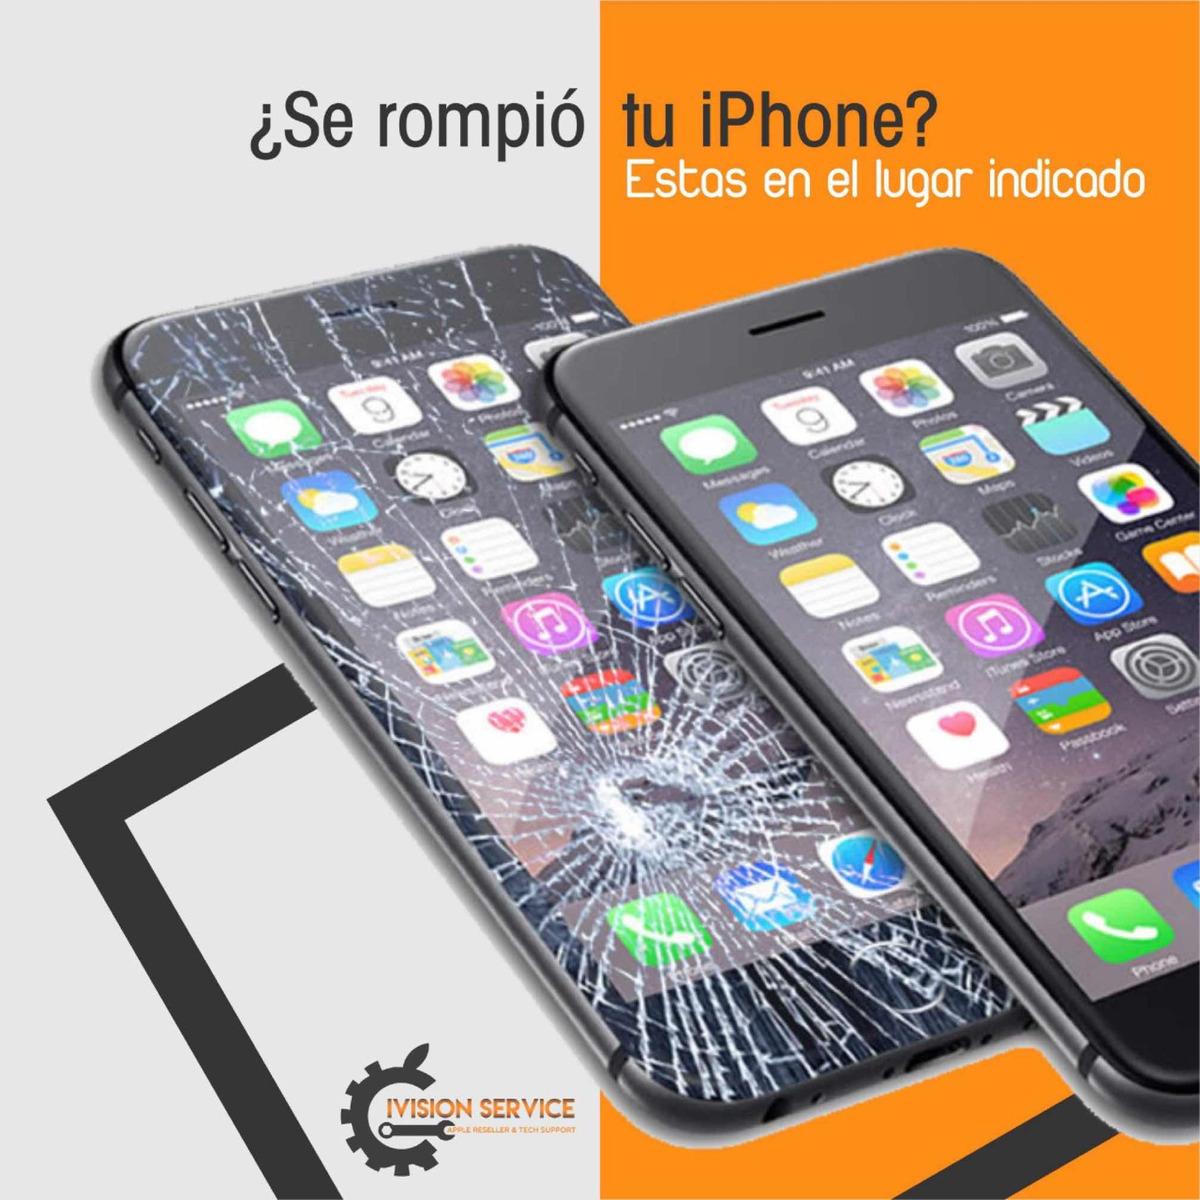 7a608842366 Servicio Tecnico Apple Reparacion iPhone iPad - Zona Norte - $ 300 ...